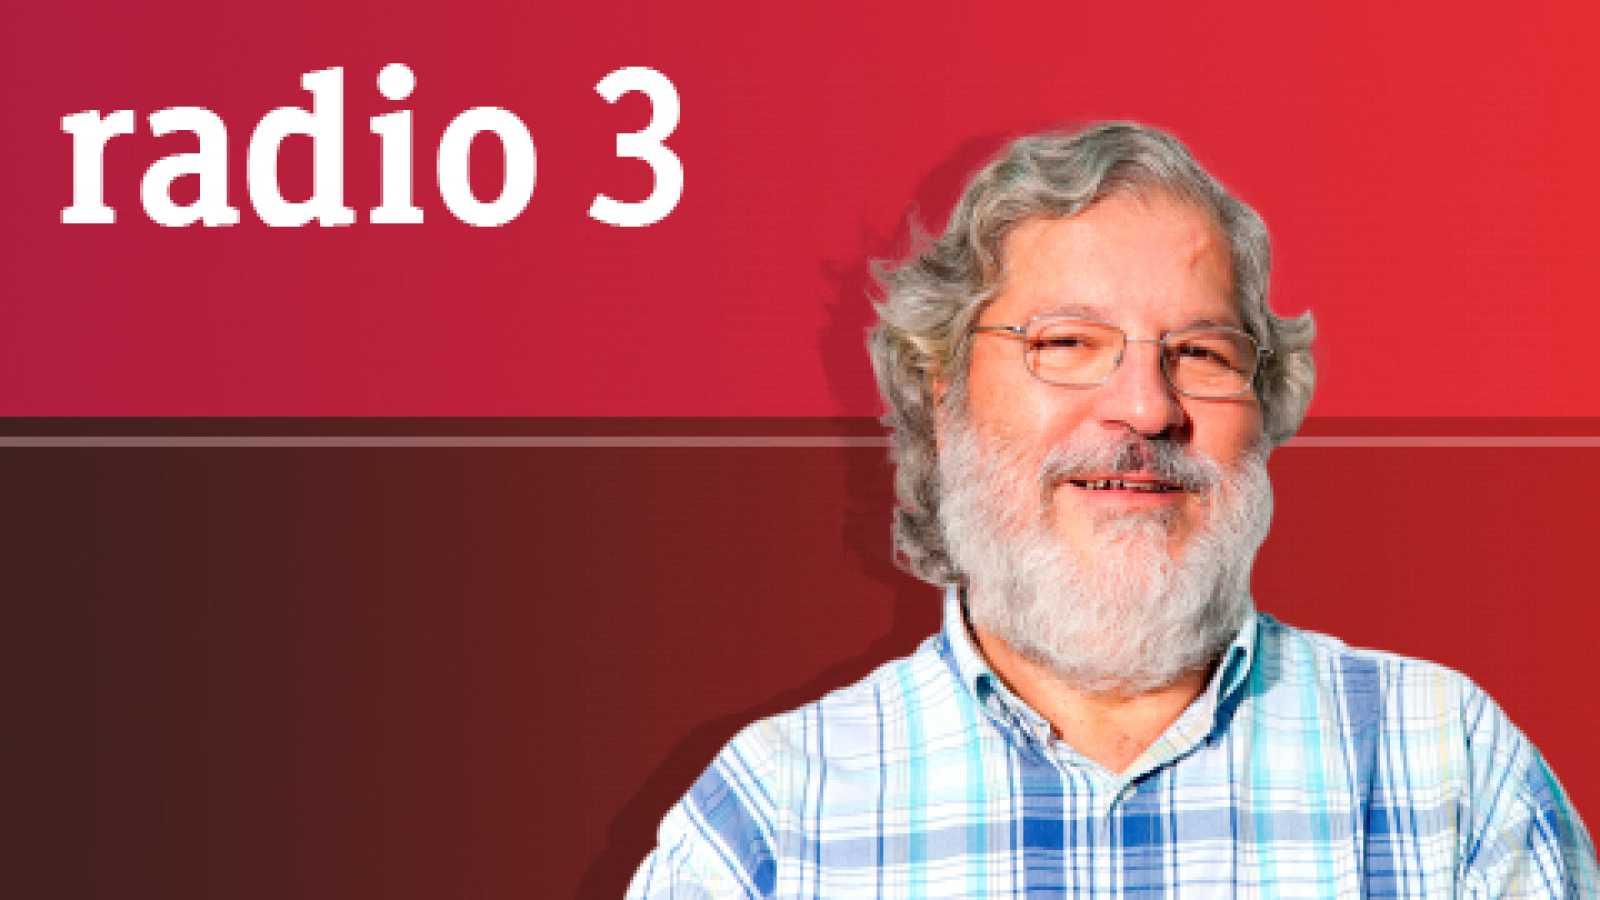 Discópolis - 10.820: Sesiones tesoro RNE 20: Orquestra Mirasol 1974 - 09/01/19 - escuchar ahora